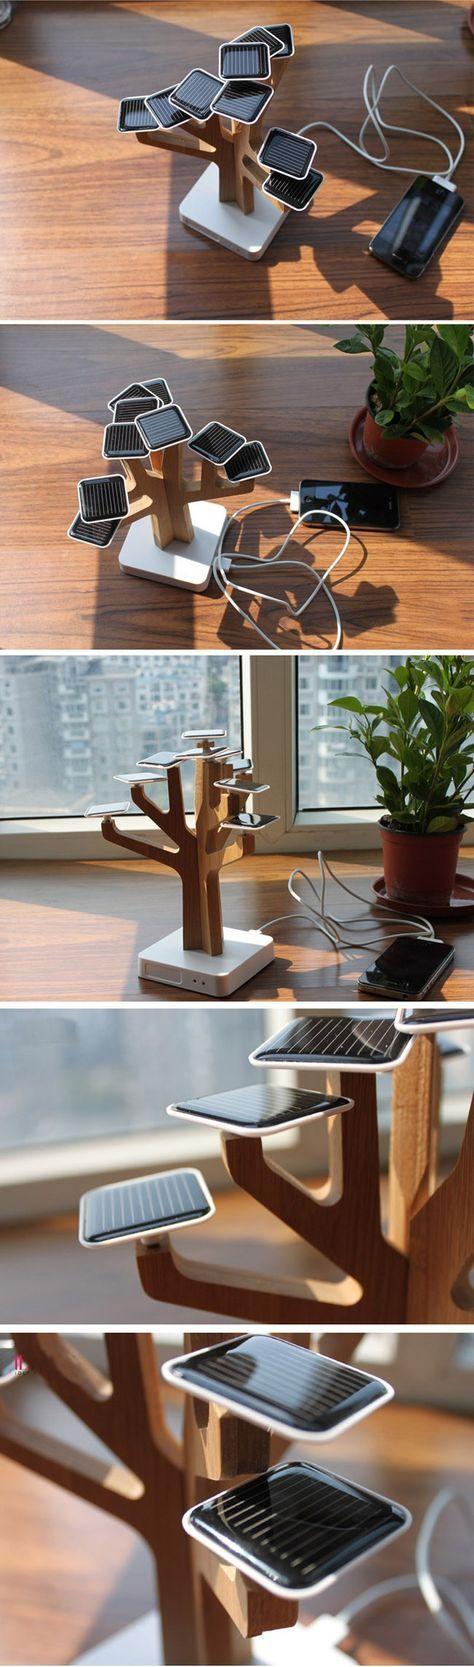 Base de carga con paneles solares en forma de árbol. Diseño inspirado en la naturaleza para que puedas recargas todos tus artefactos eléctricos por medio de una sencilla conexión USB